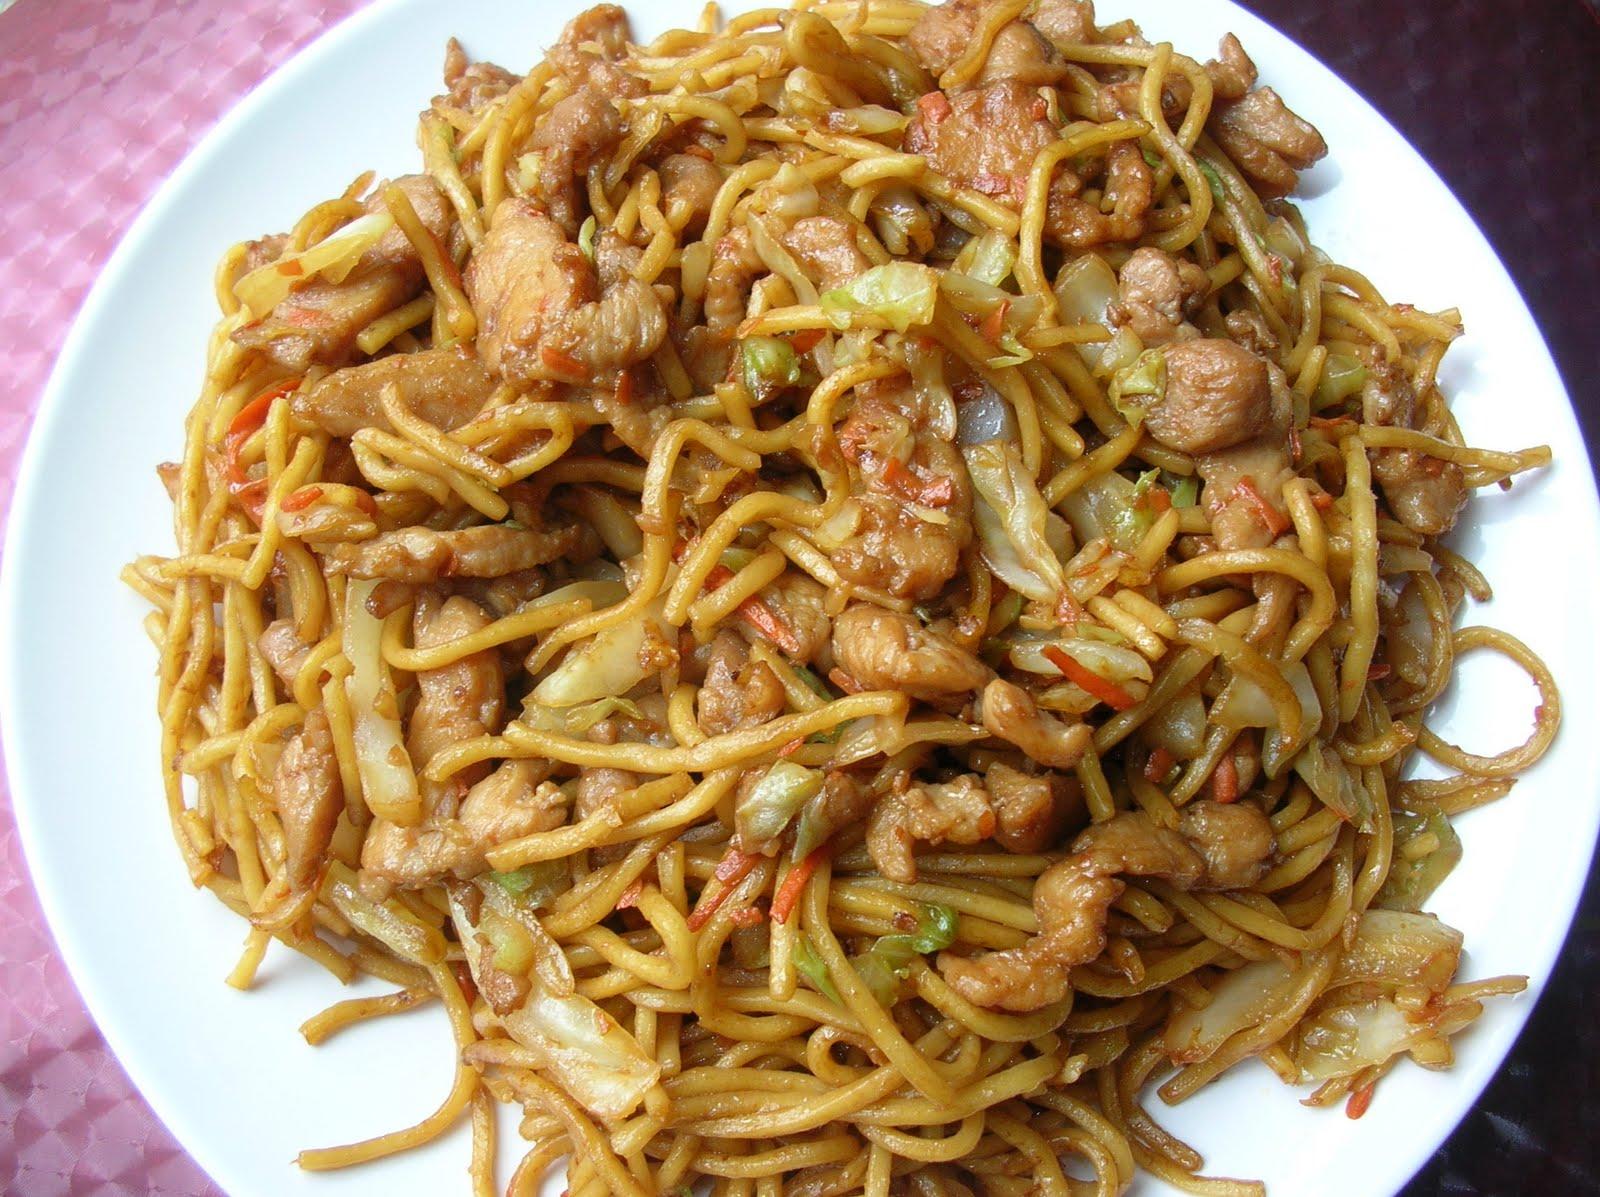 Loretta Simple Recipes Shredded Pork Chow Mein